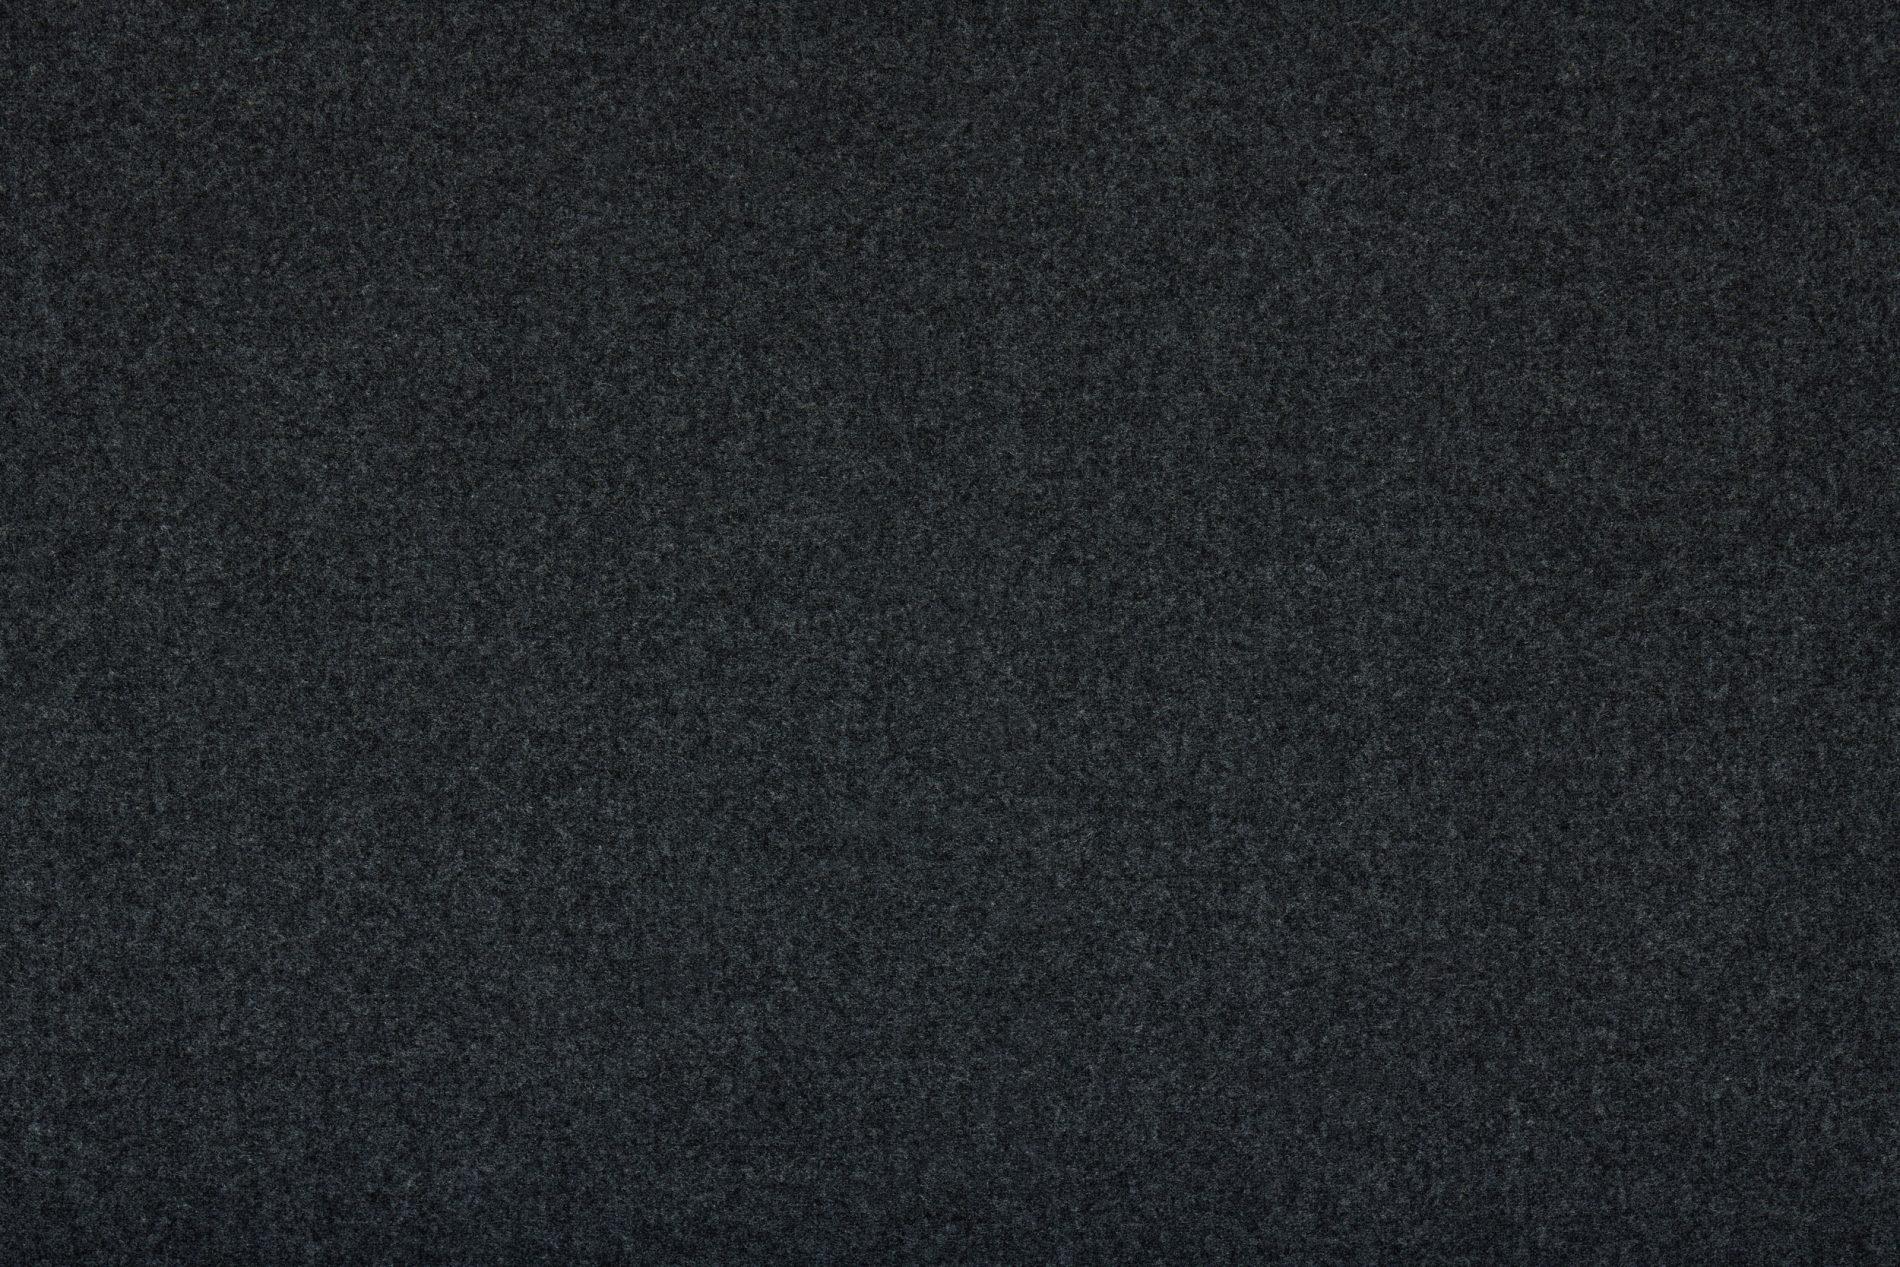 PURE 360 Merinotuch (19/8004)